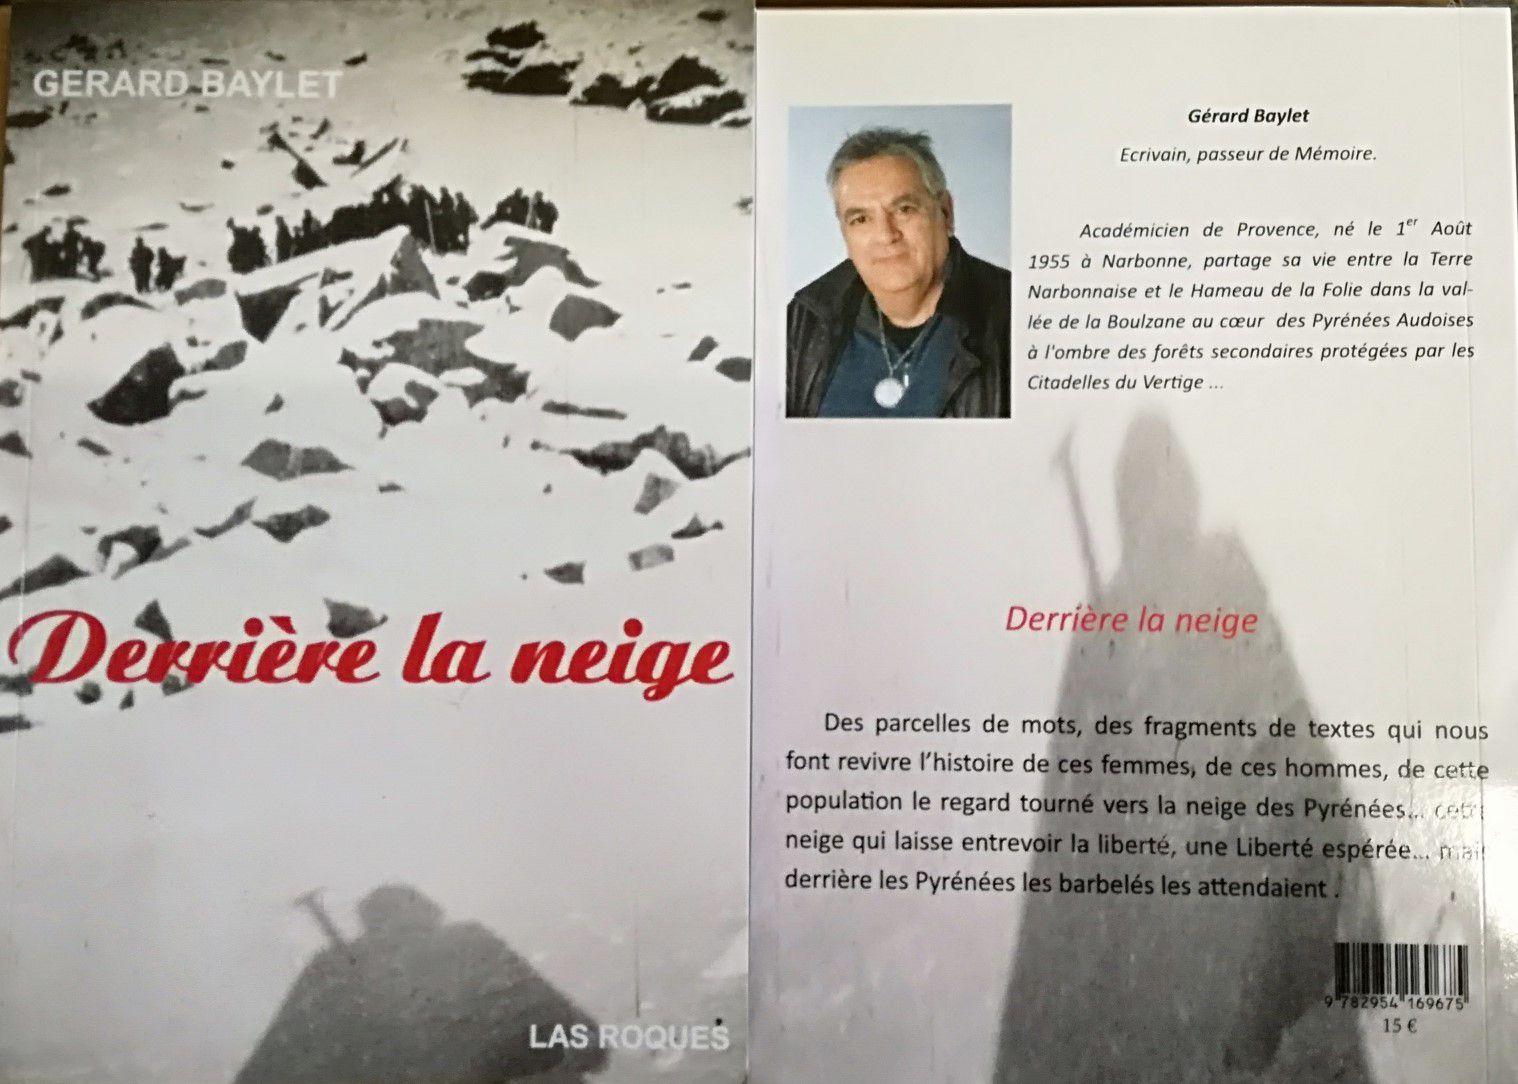 """Le livre """" Derrière la neige """" Gérard Baylet"""